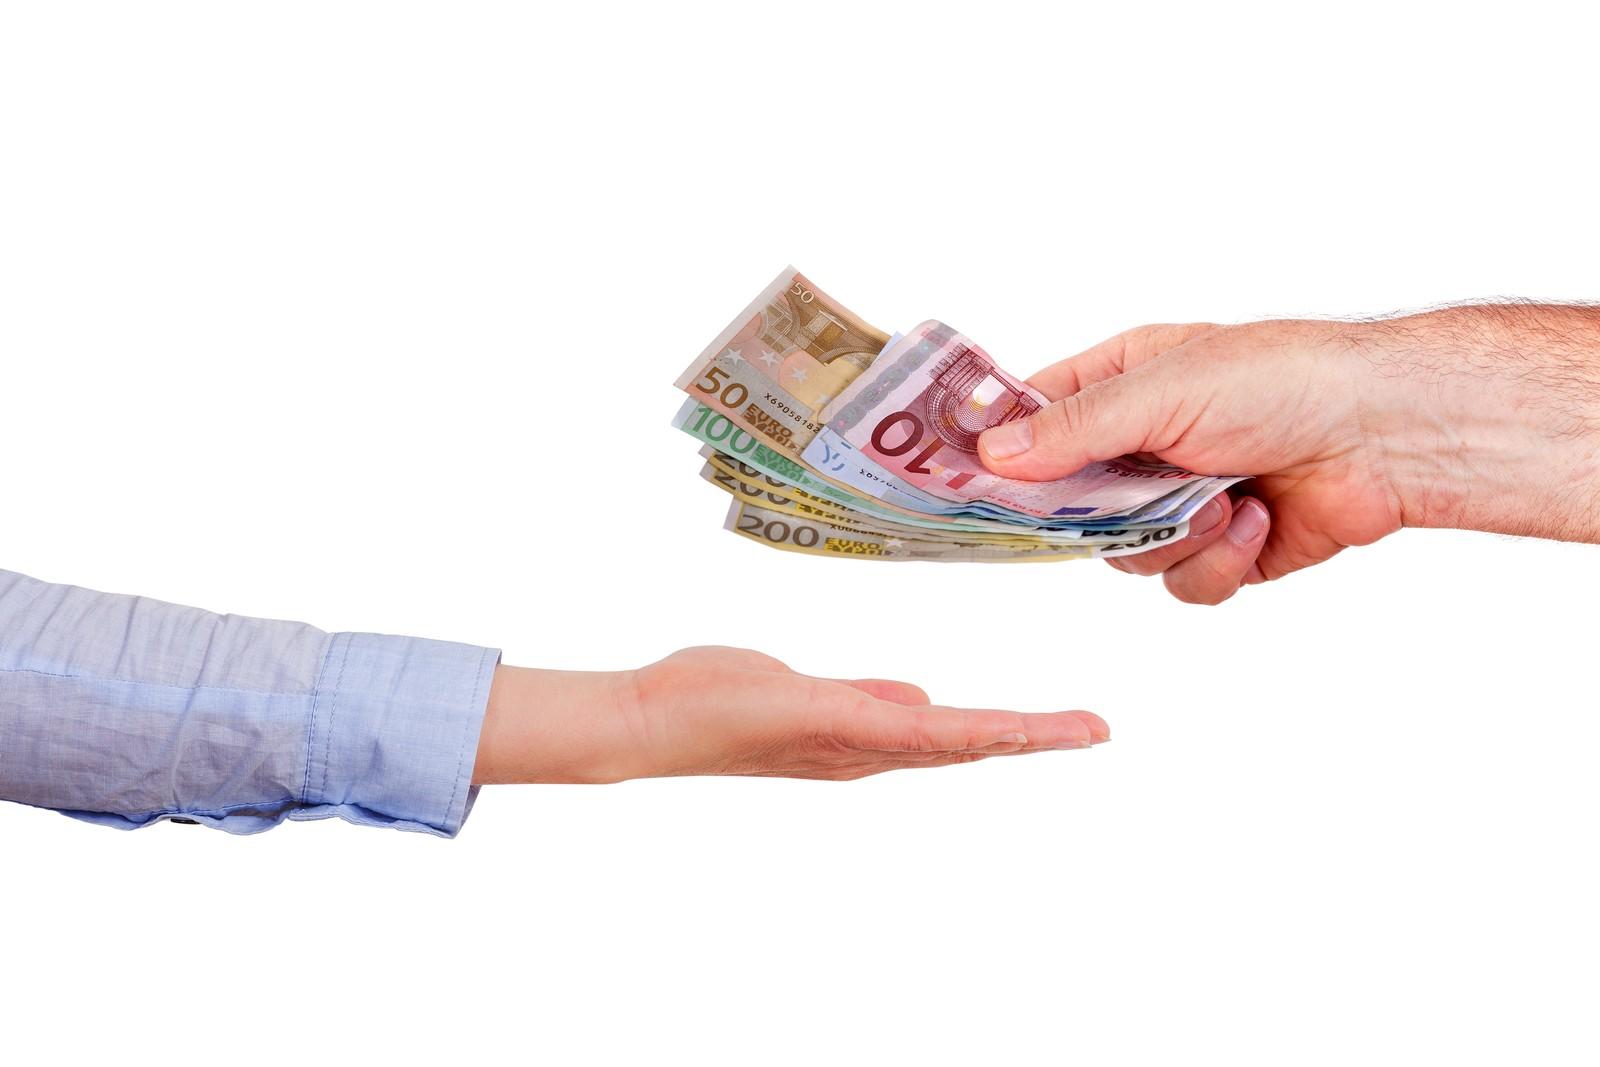 Ein Gericht erklärt in einem Fall den Werkvertrag für nichtig, weil auf der Quittung keine Mehrwertsteuer ausgewiesen war.